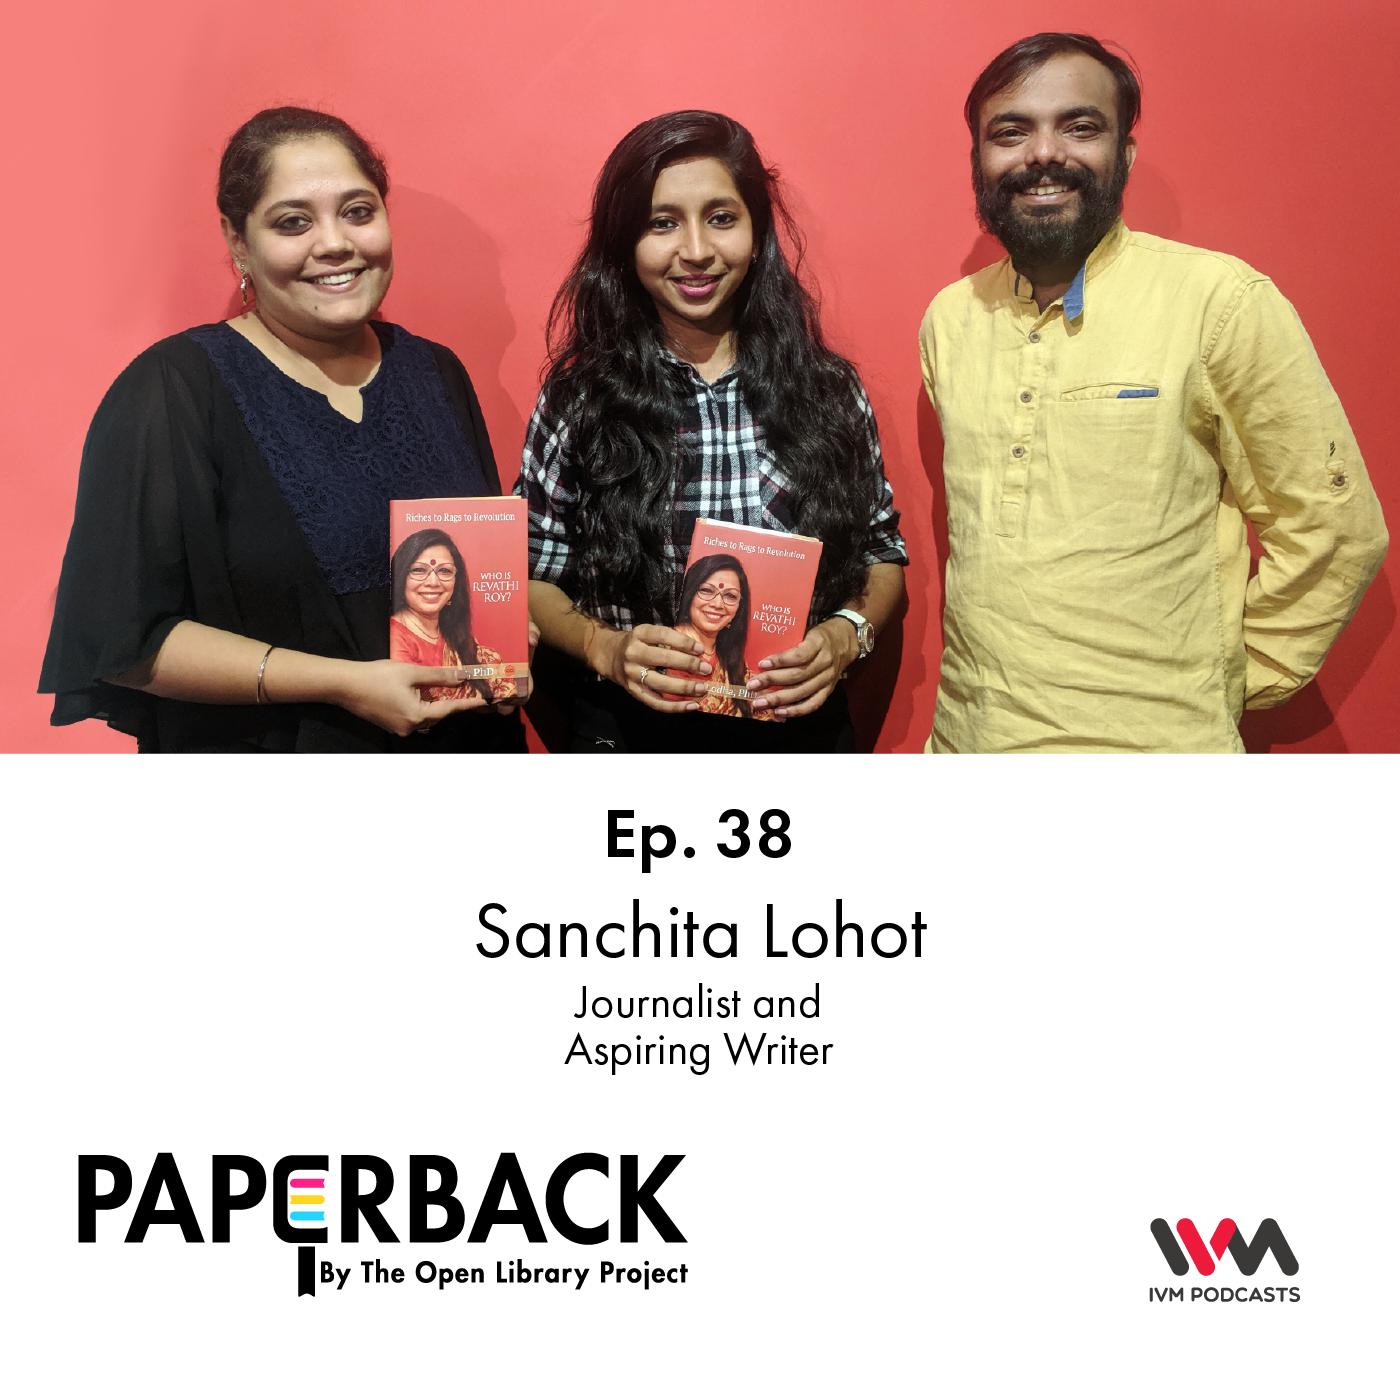 Ep. 38: Sanchita Lohot